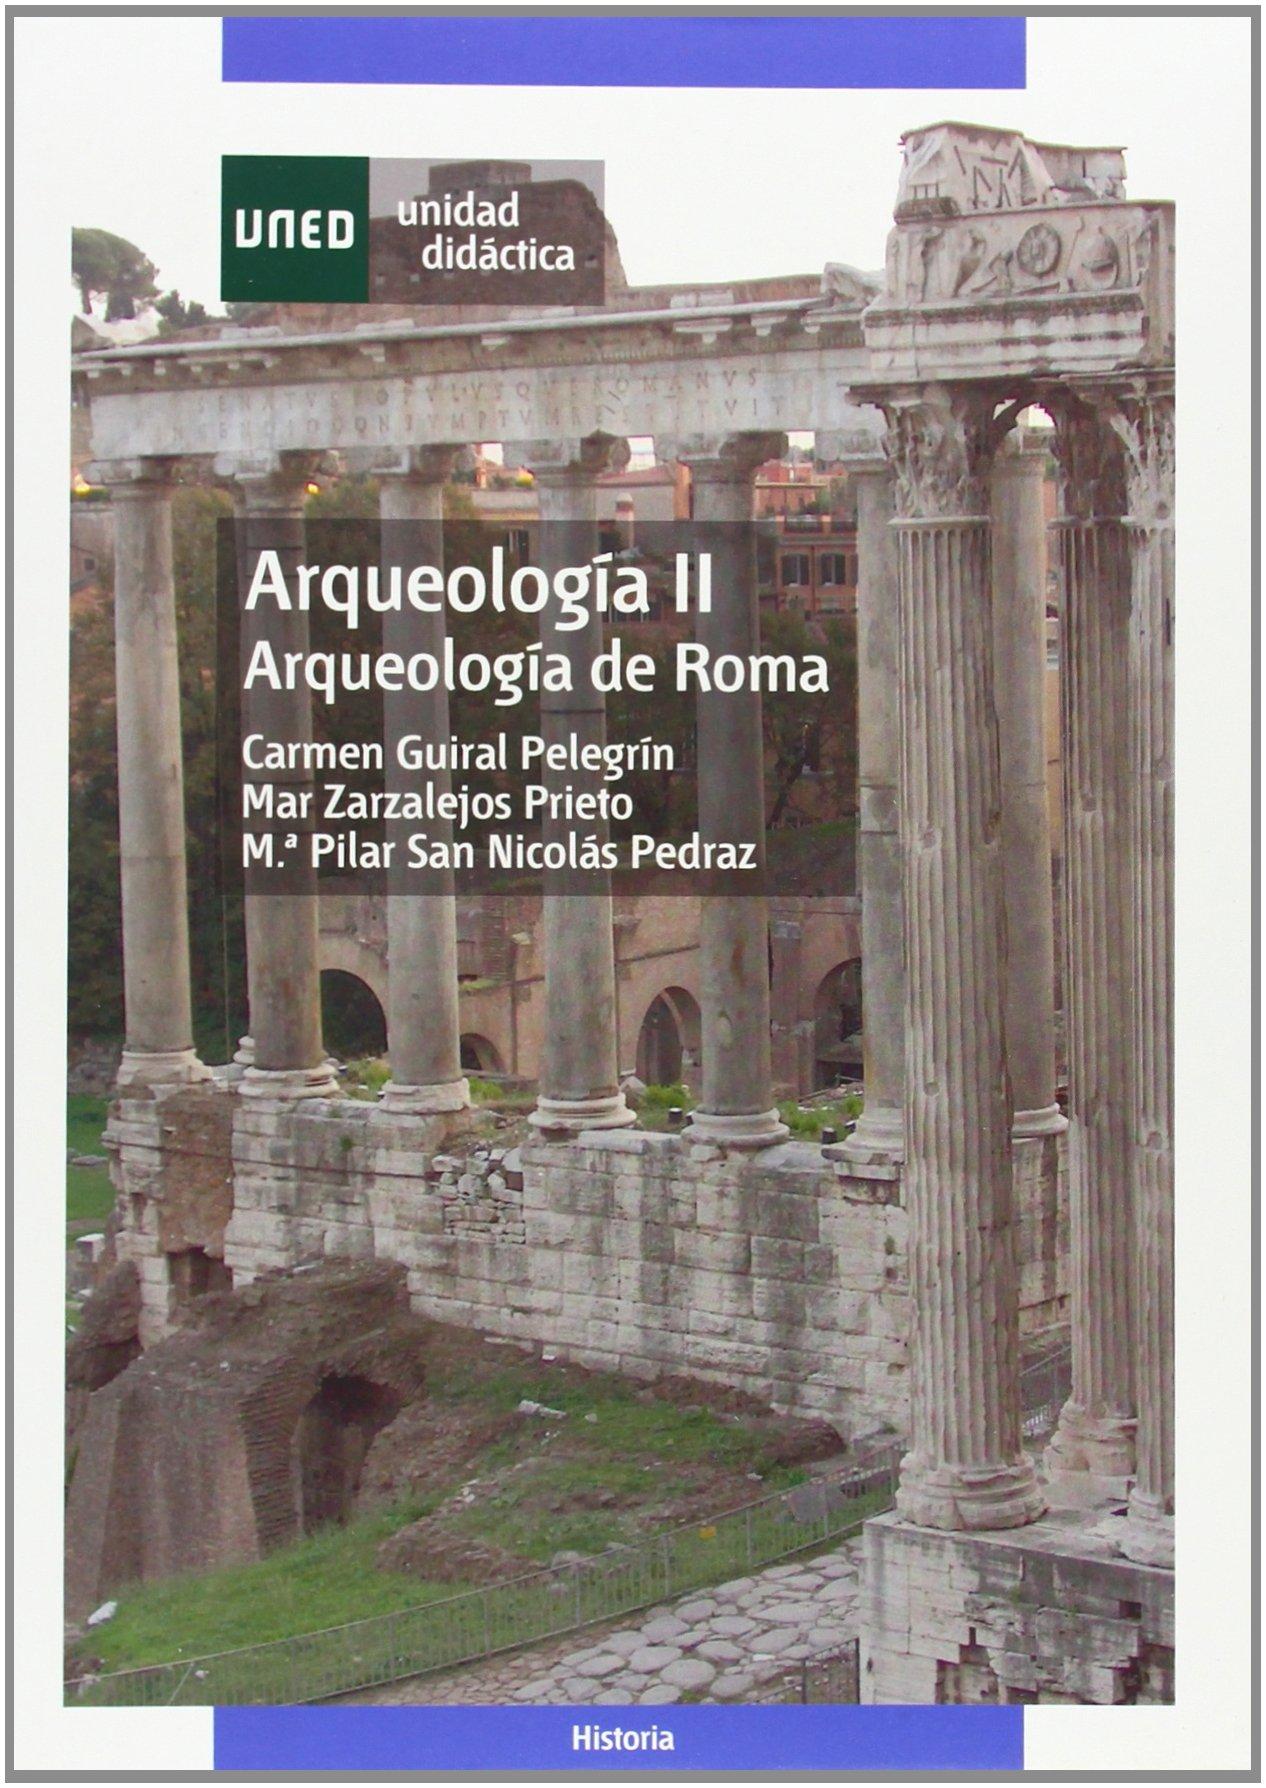 Arqueología II. Arqueología de Roma UNIDAD DIDÁCTICA: Amazon.es: Guiral Pelegrín, Carmen, Zarzalejos Prieto, Mar, San Nicolás Pedraz, María Pilar: Libros